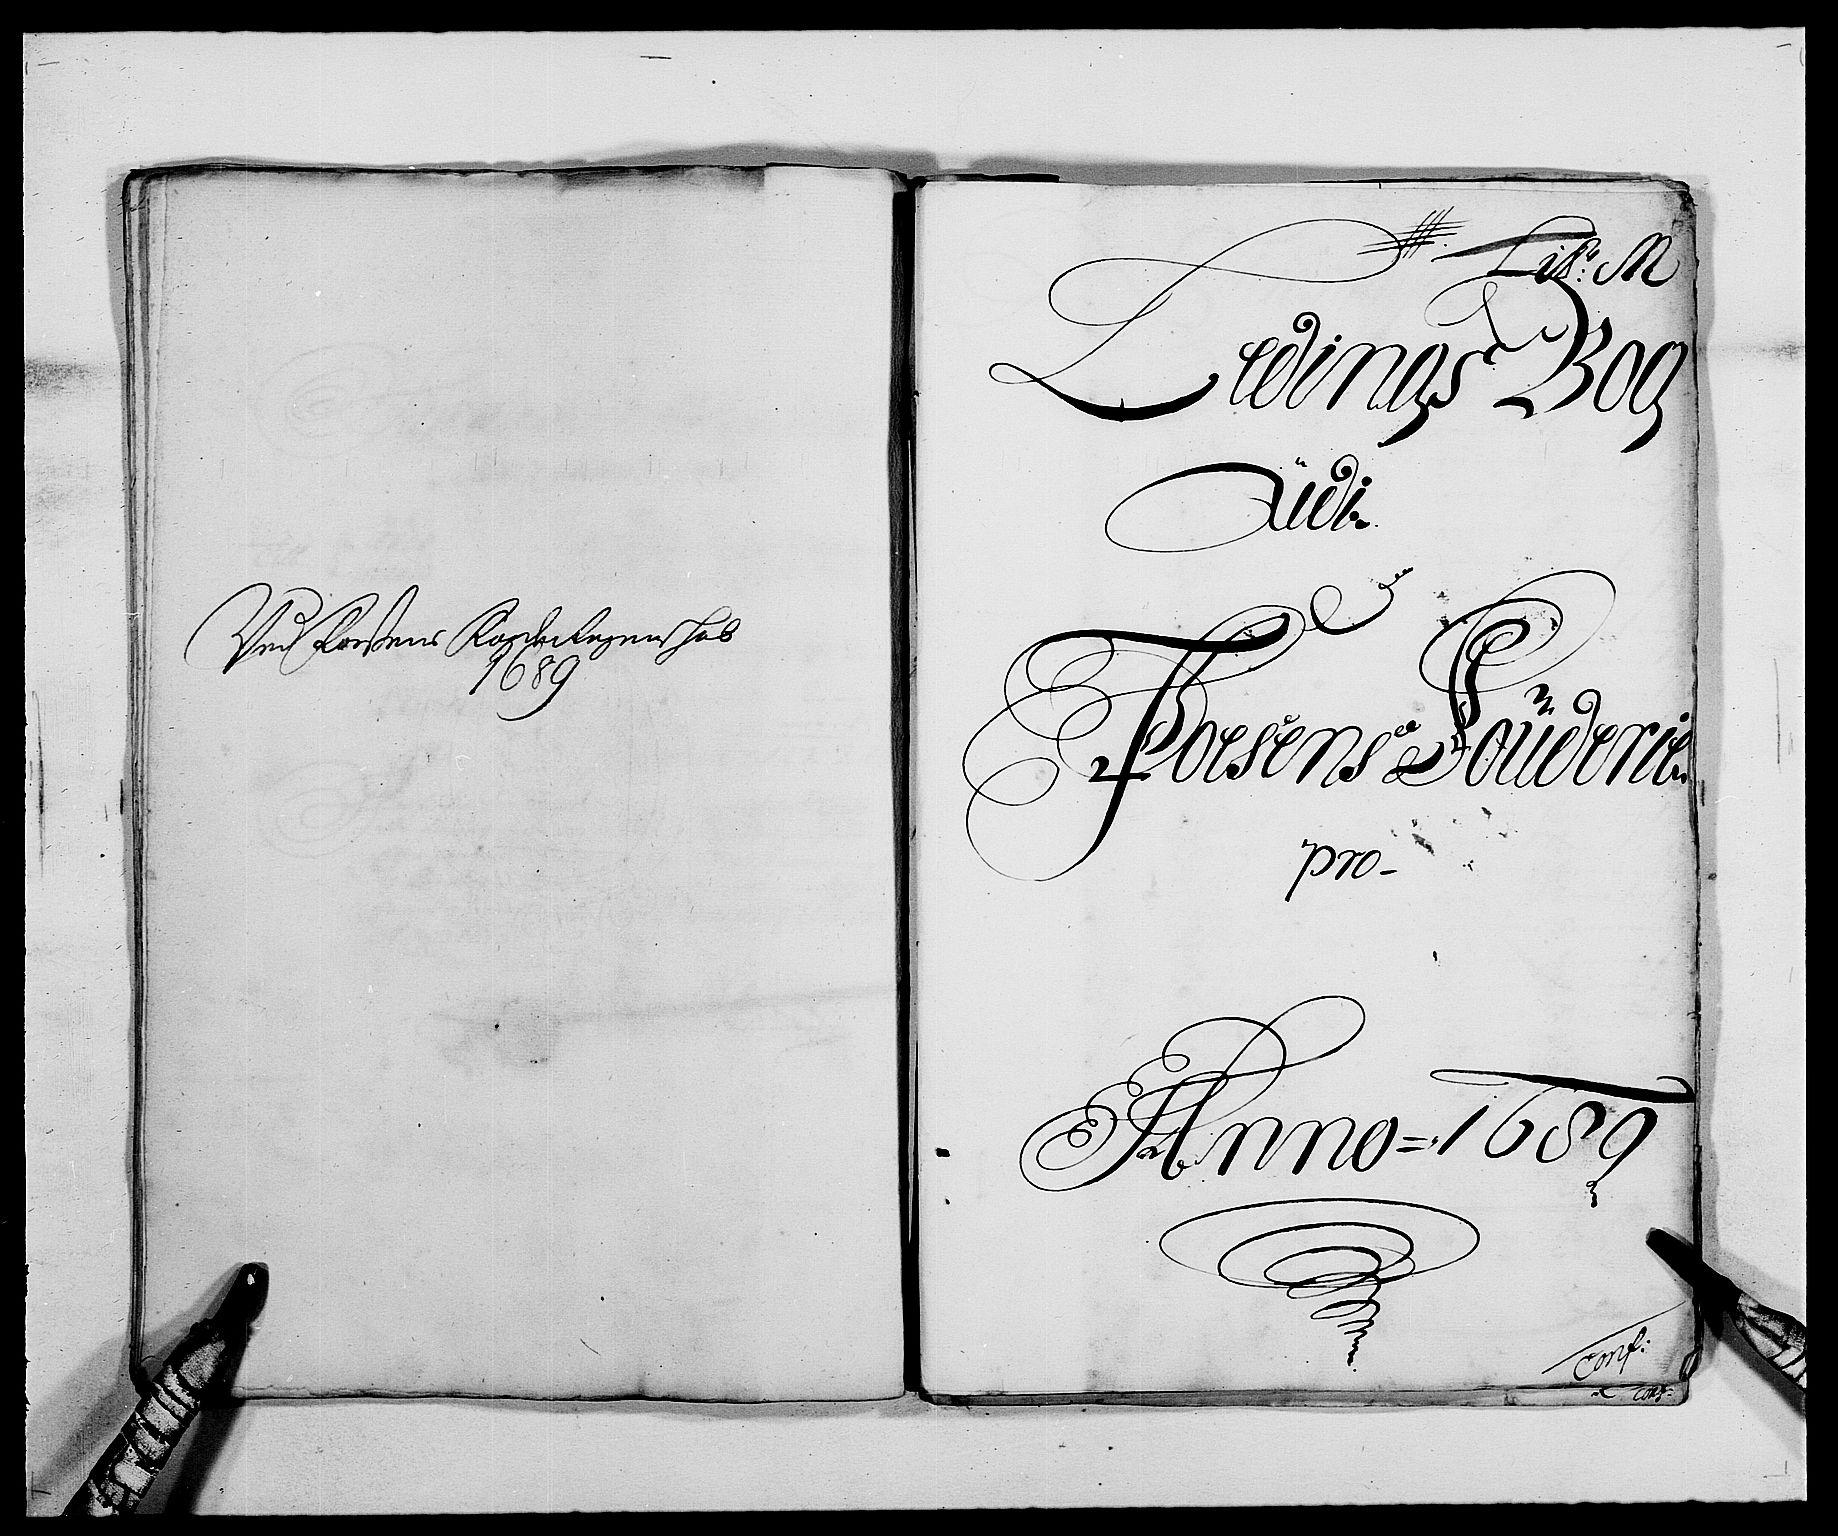 RA, Rentekammeret inntil 1814, Reviderte regnskaper, Fogderegnskap, R57/L3847: Fogderegnskap Fosen, 1689, s. 99